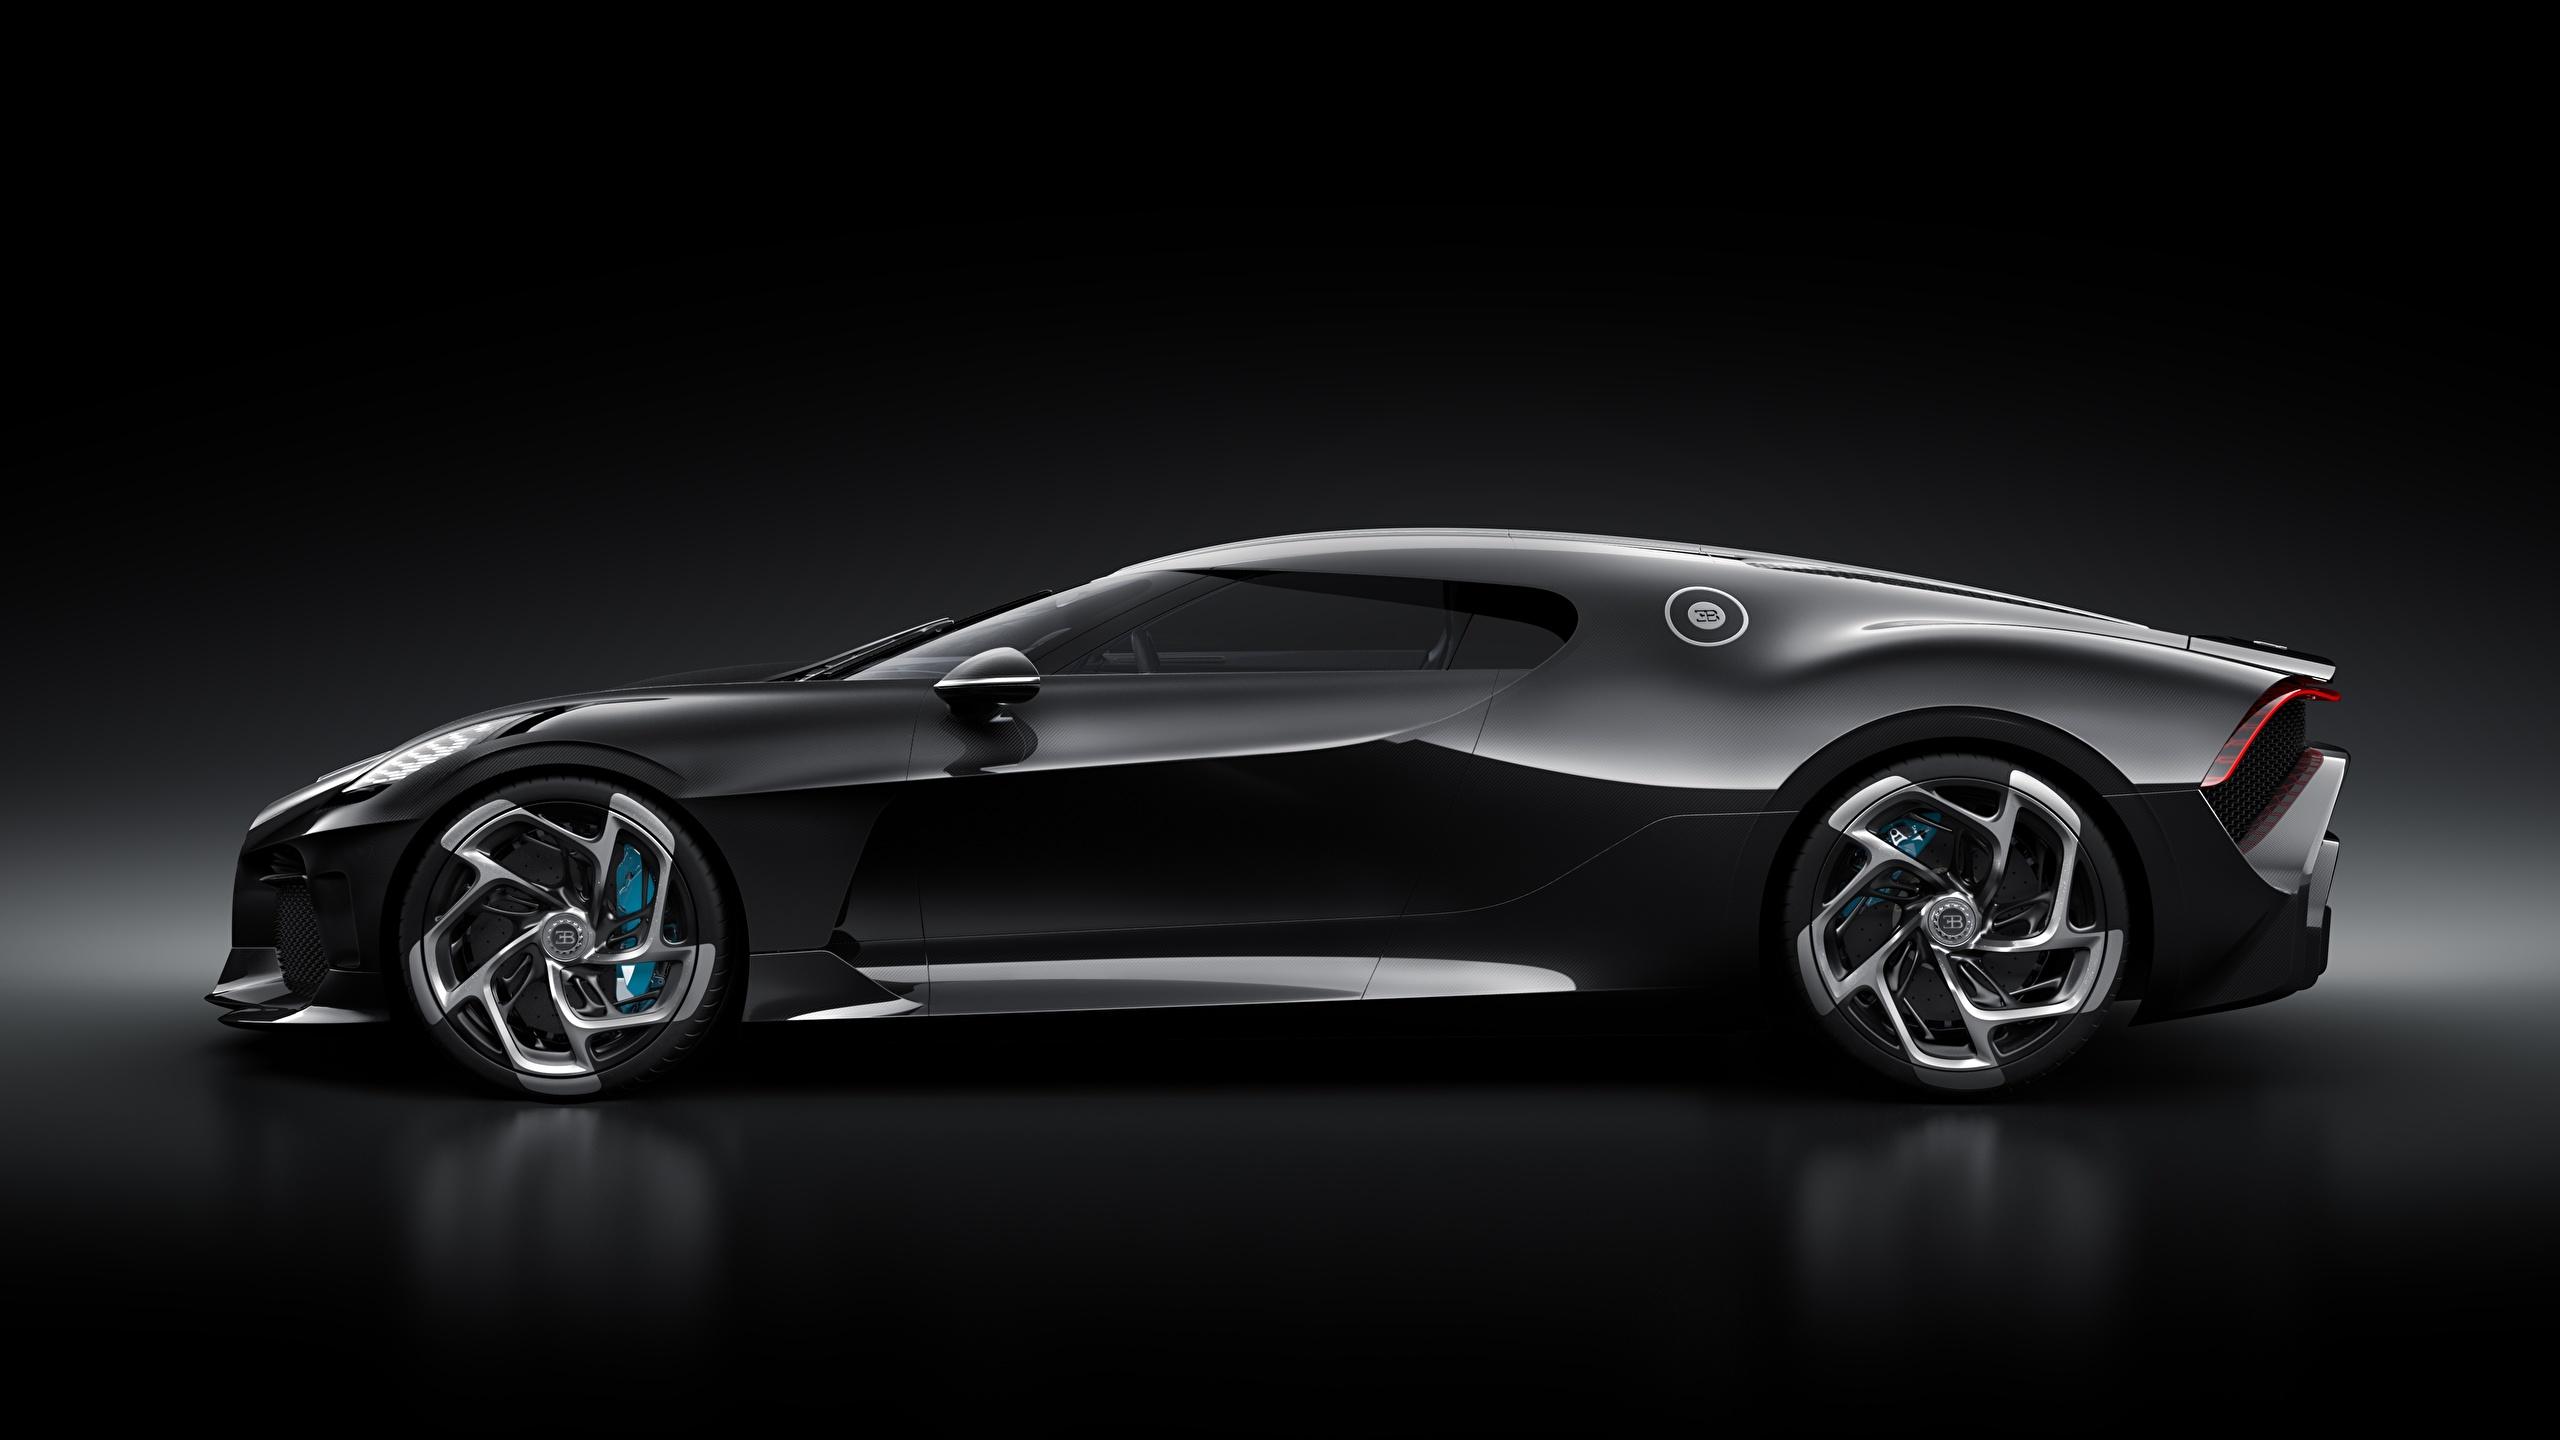 Fonds Decran 2560x1440 Bugatti La Voiture Noire